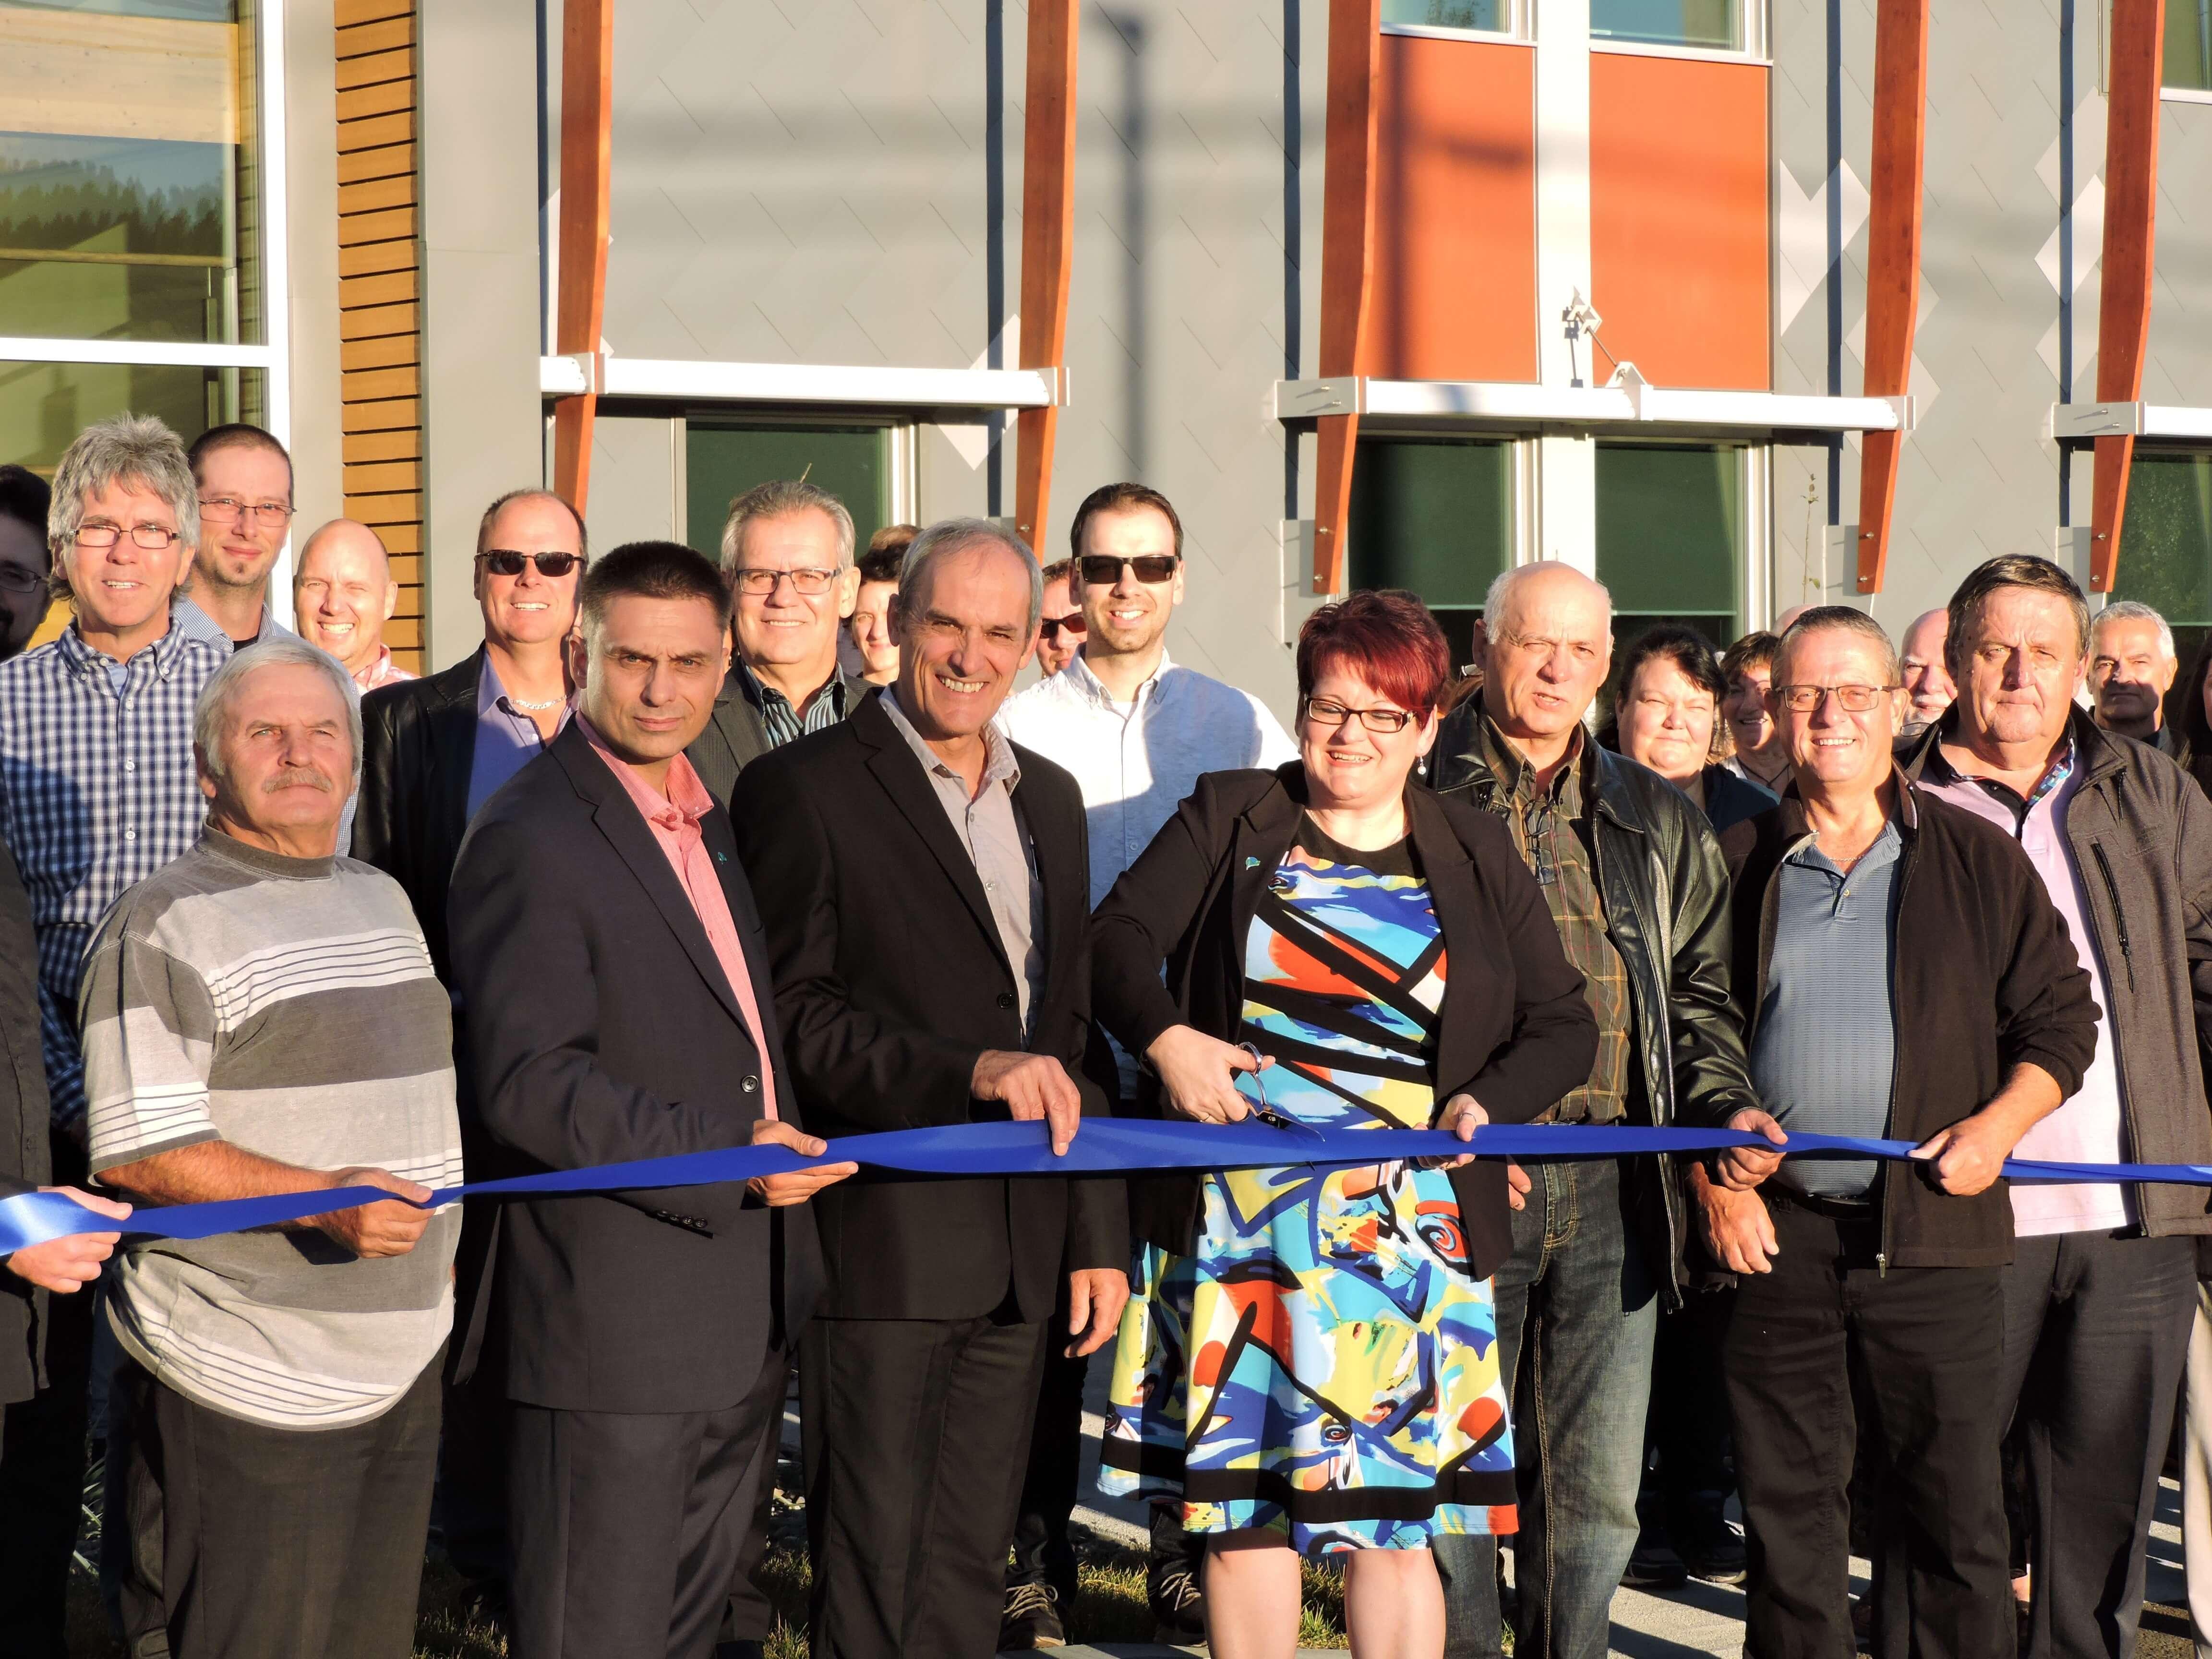 Madame Chantale Lavoie, préfet de la MRC, effectue la coupe du ruban pour inaugurer le nouveau centre administratif